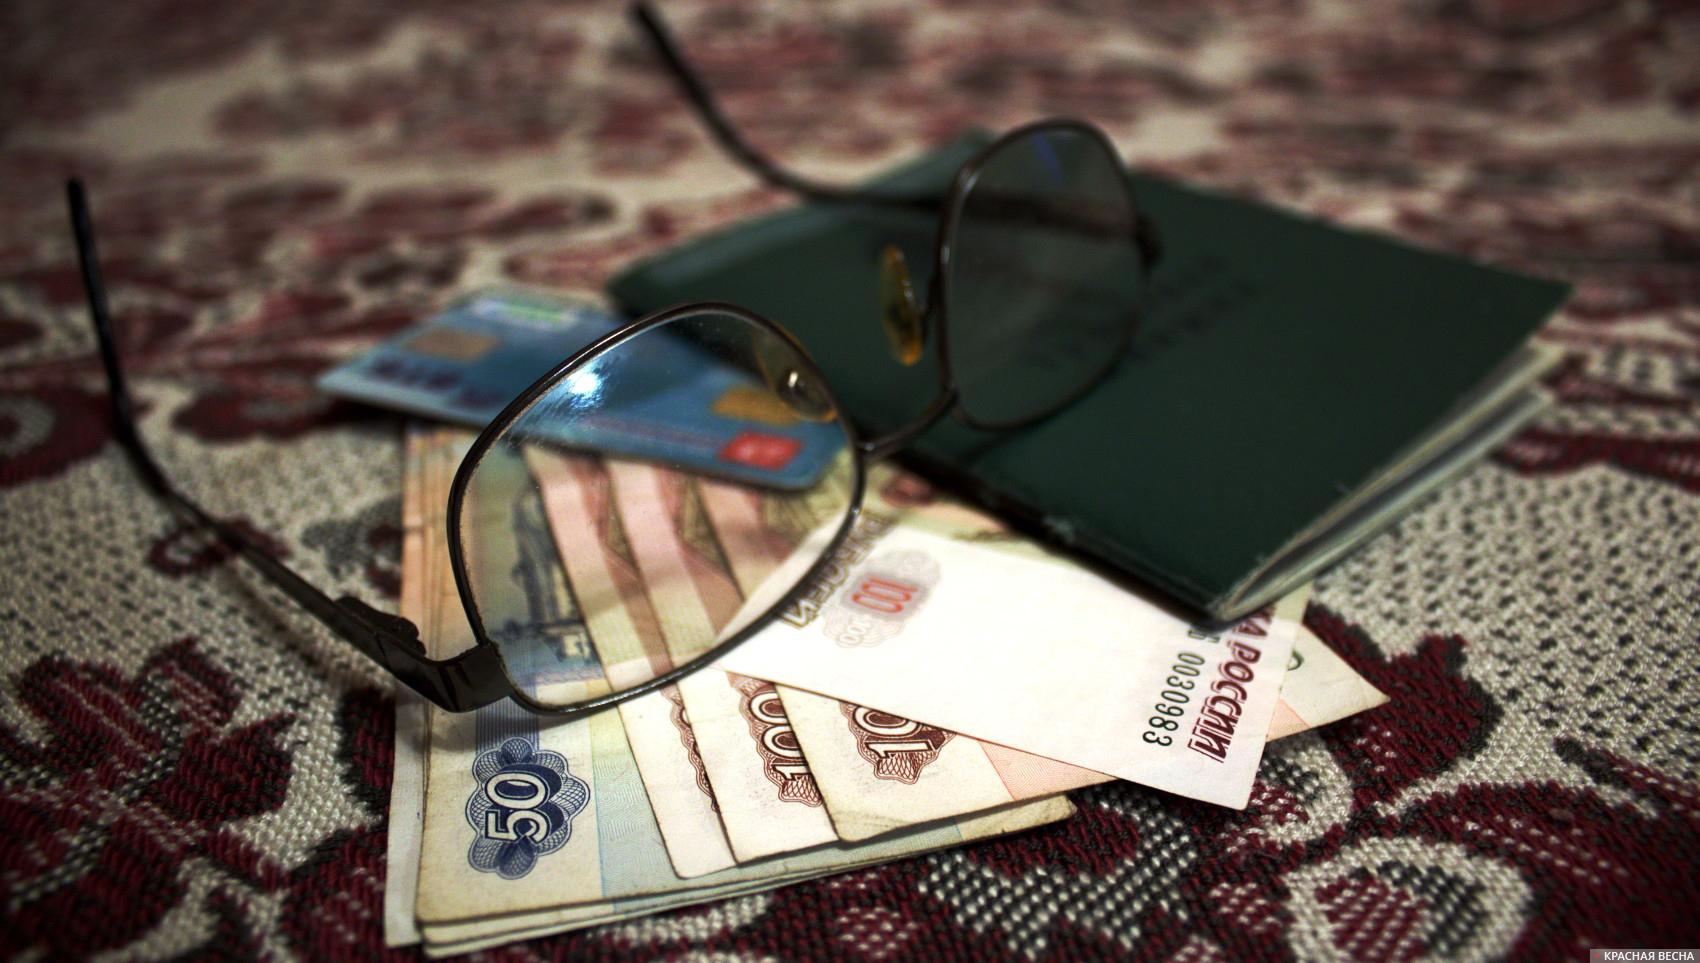 Пенсионный минимум жителей Республики Татарстан в 2021 году составляет 8423 руб.